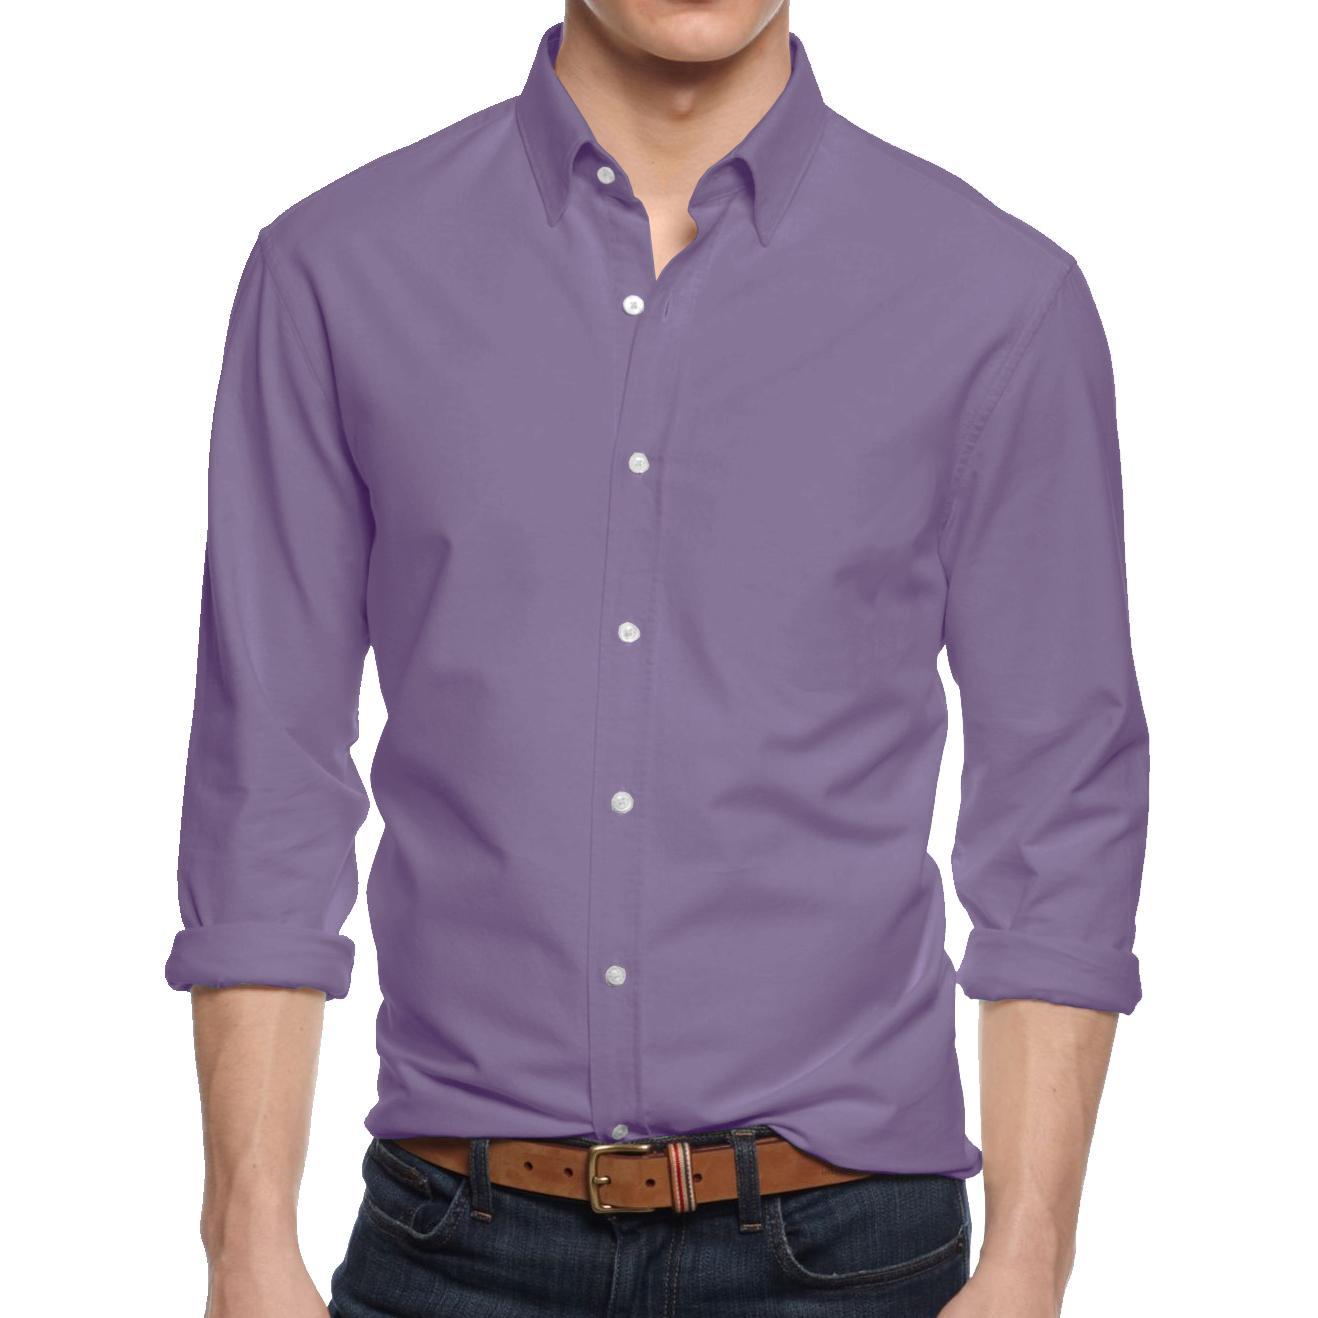 Apt 9 Mens Dress Shirts